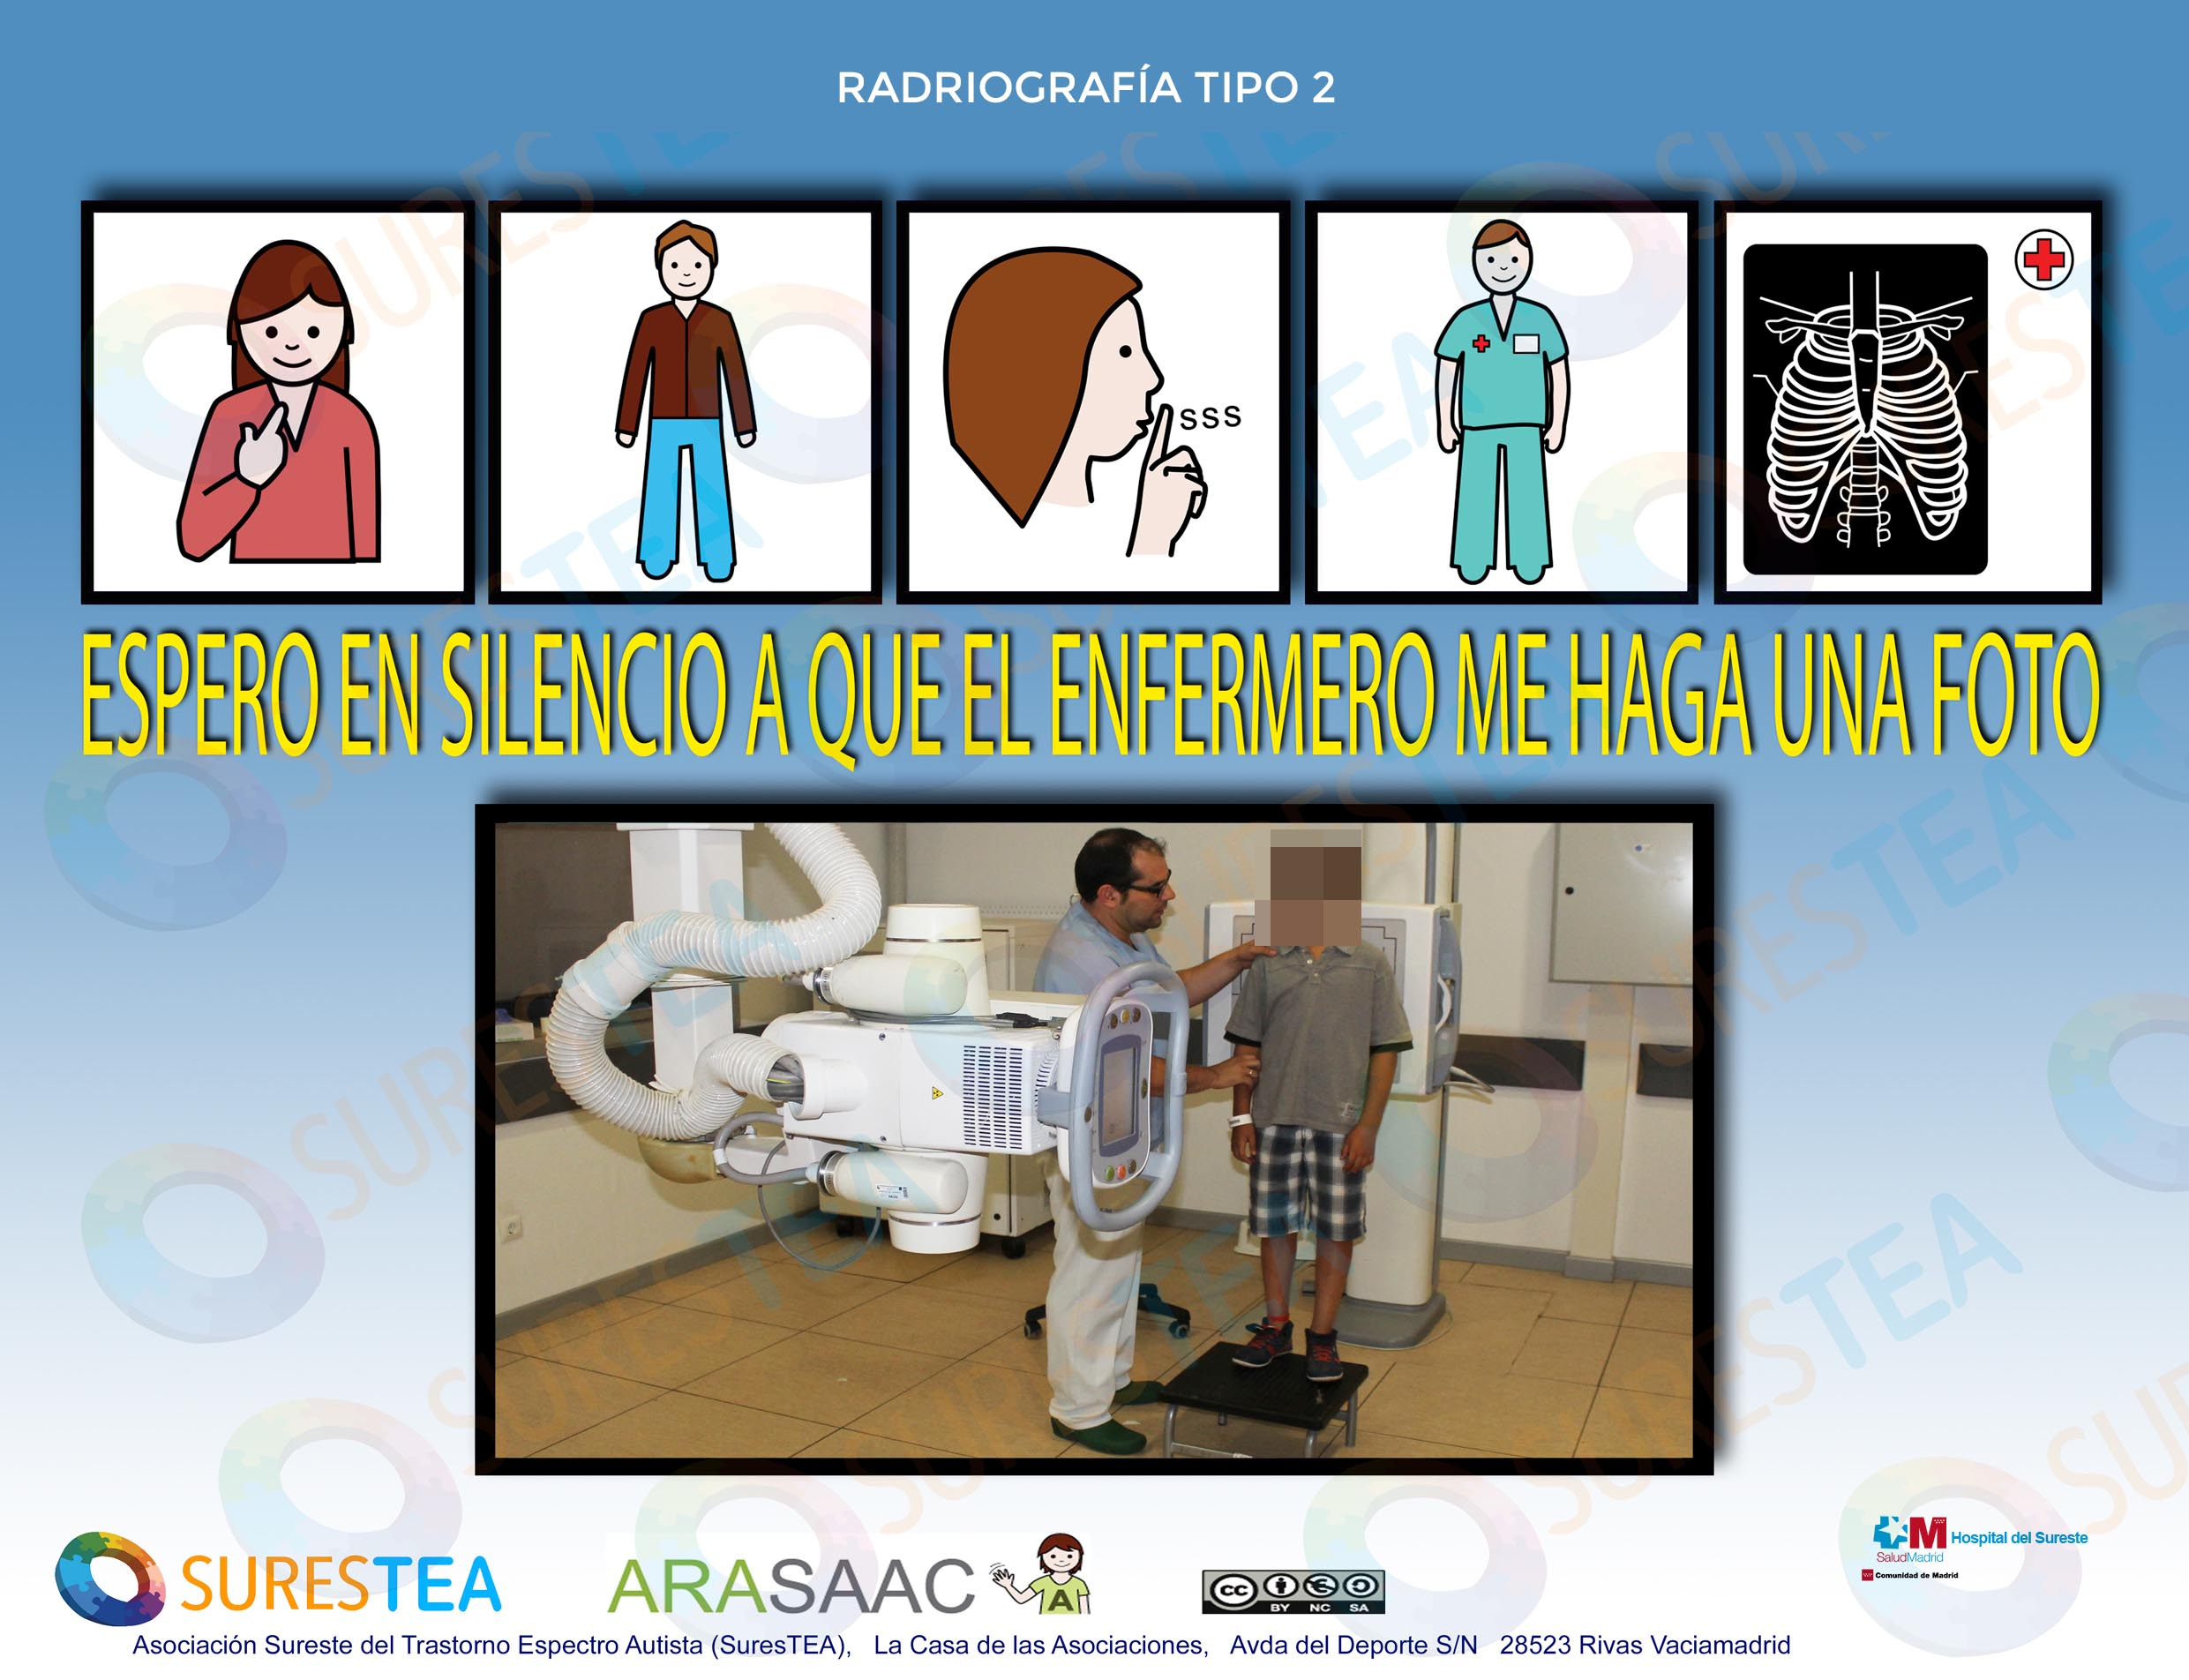 Radiografia-tipo-2